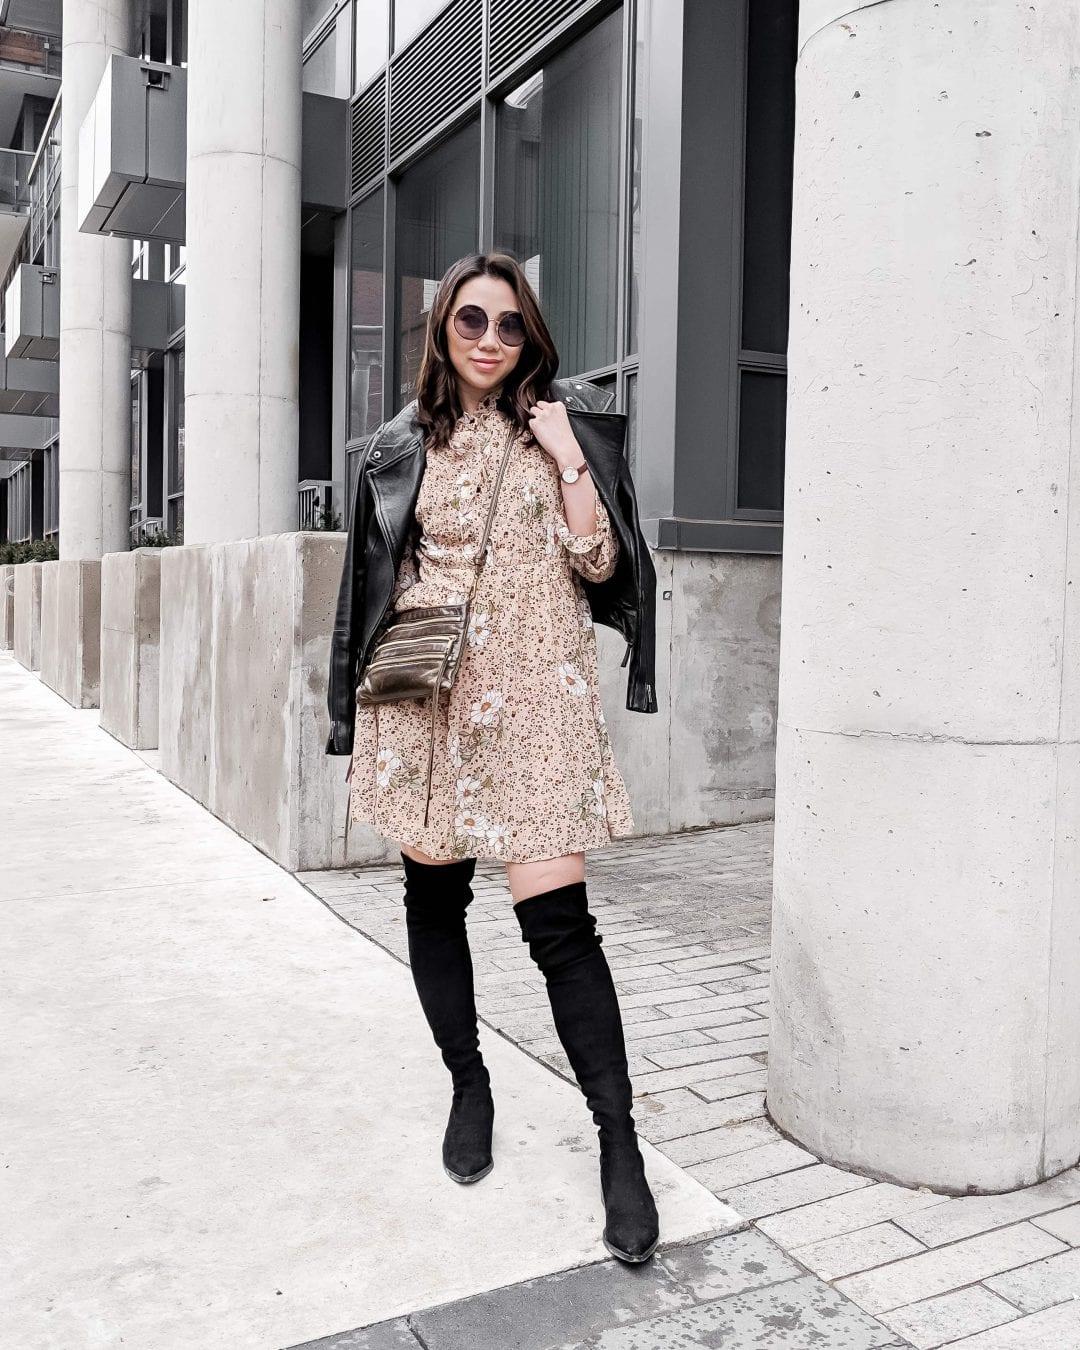 Toronto Streetstyle: leather jacket, animal print dress, OTK boots. Fashion blogger YesMissy